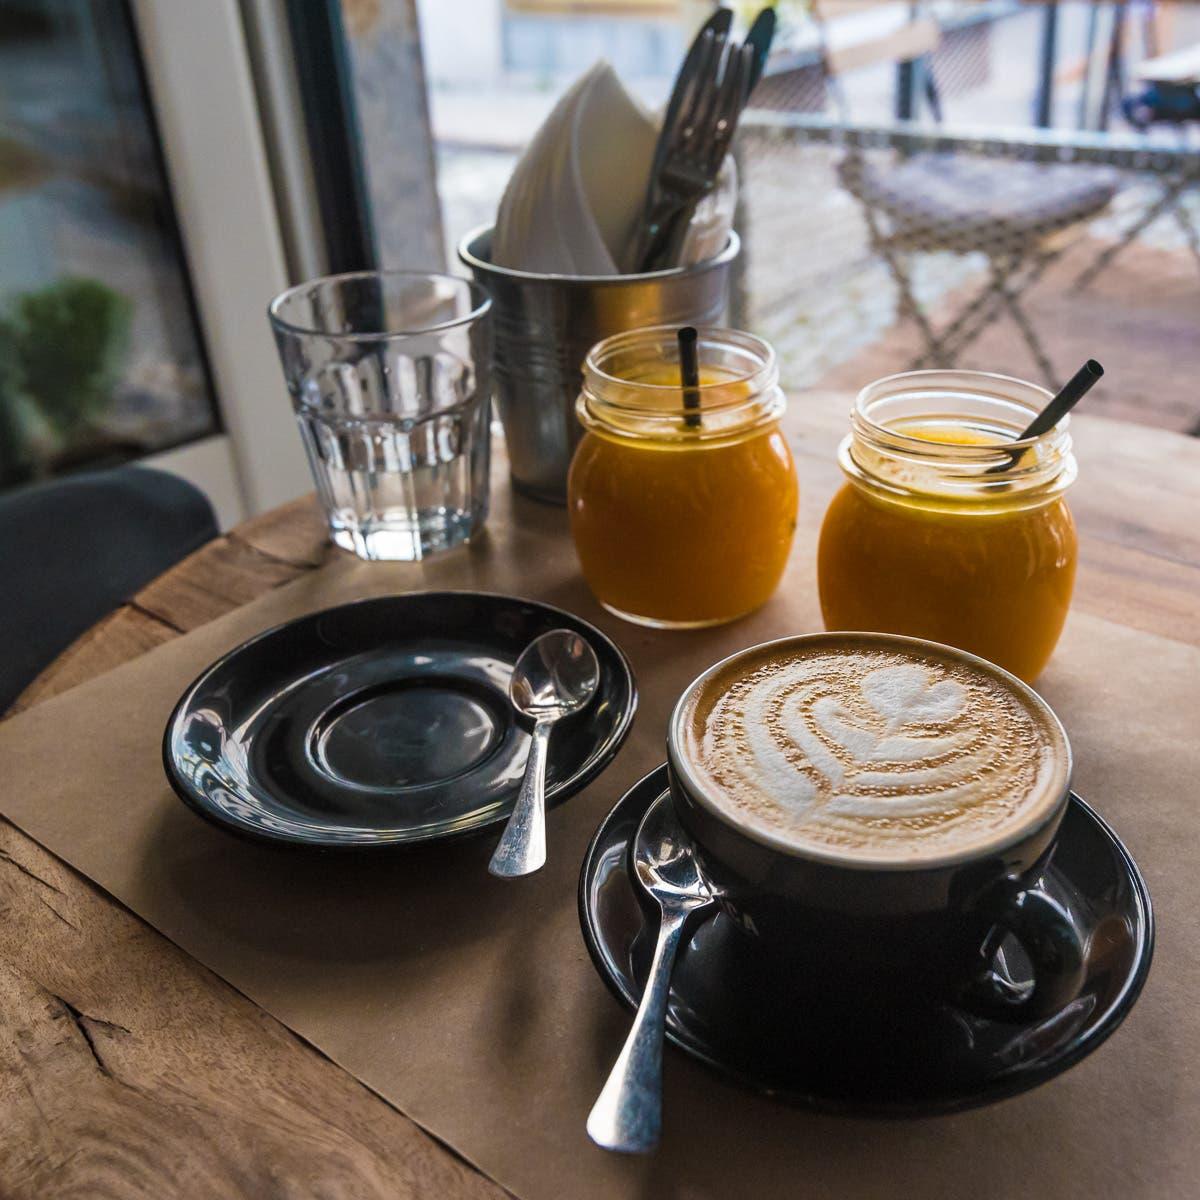 Tisch mit zwei O-Säften und Kaffee